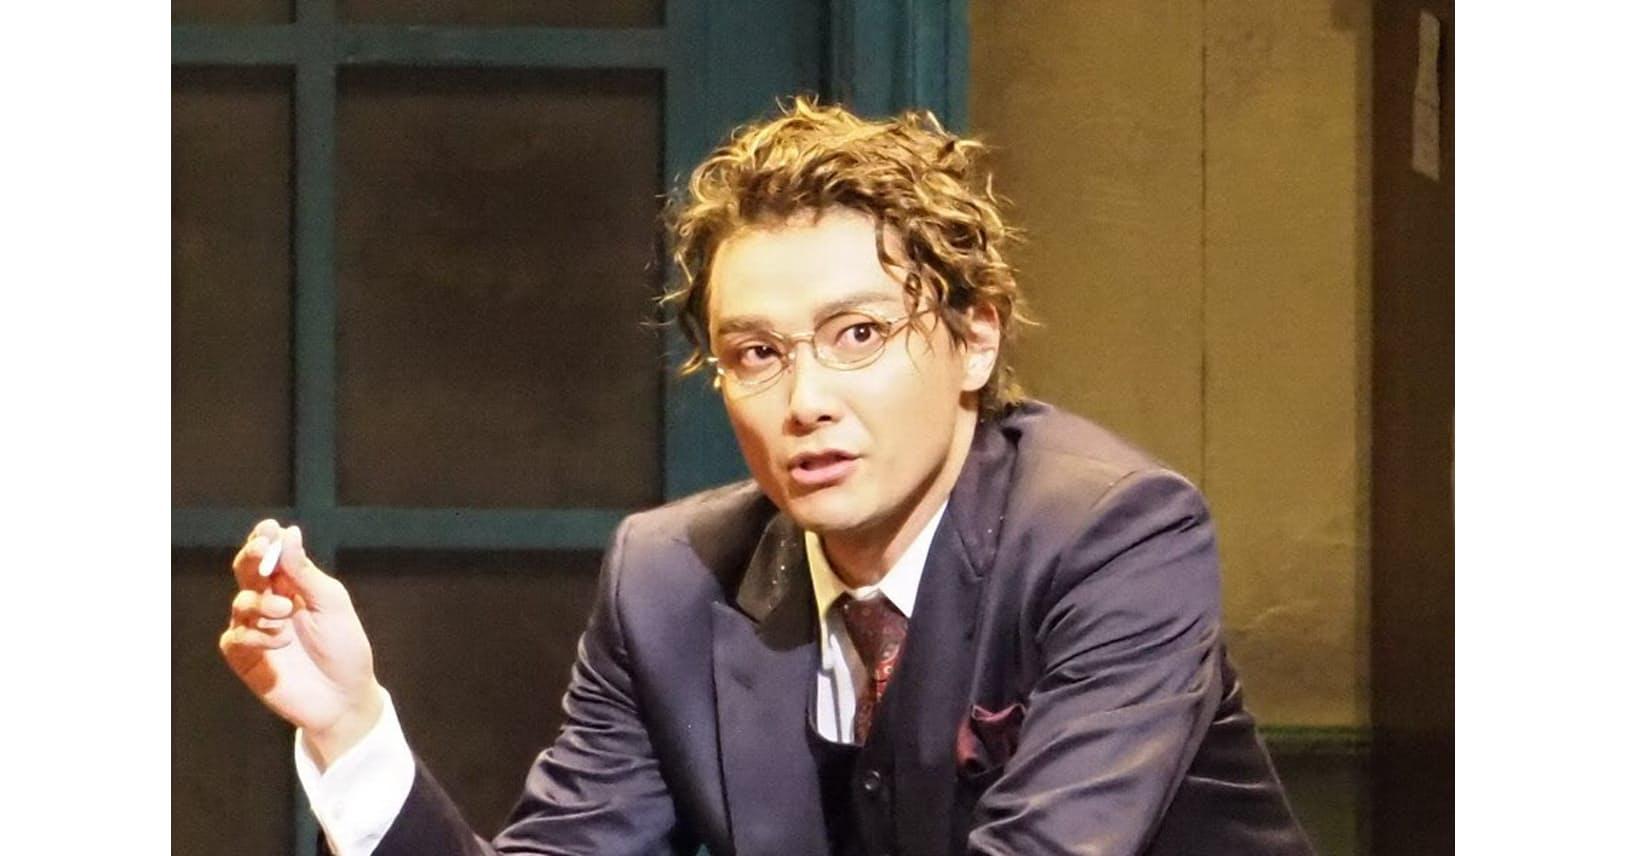 「ばかばかしさ」を追求して 怒濤の日々(井上芳雄)|エンタメ!|NIKKEI STYLE